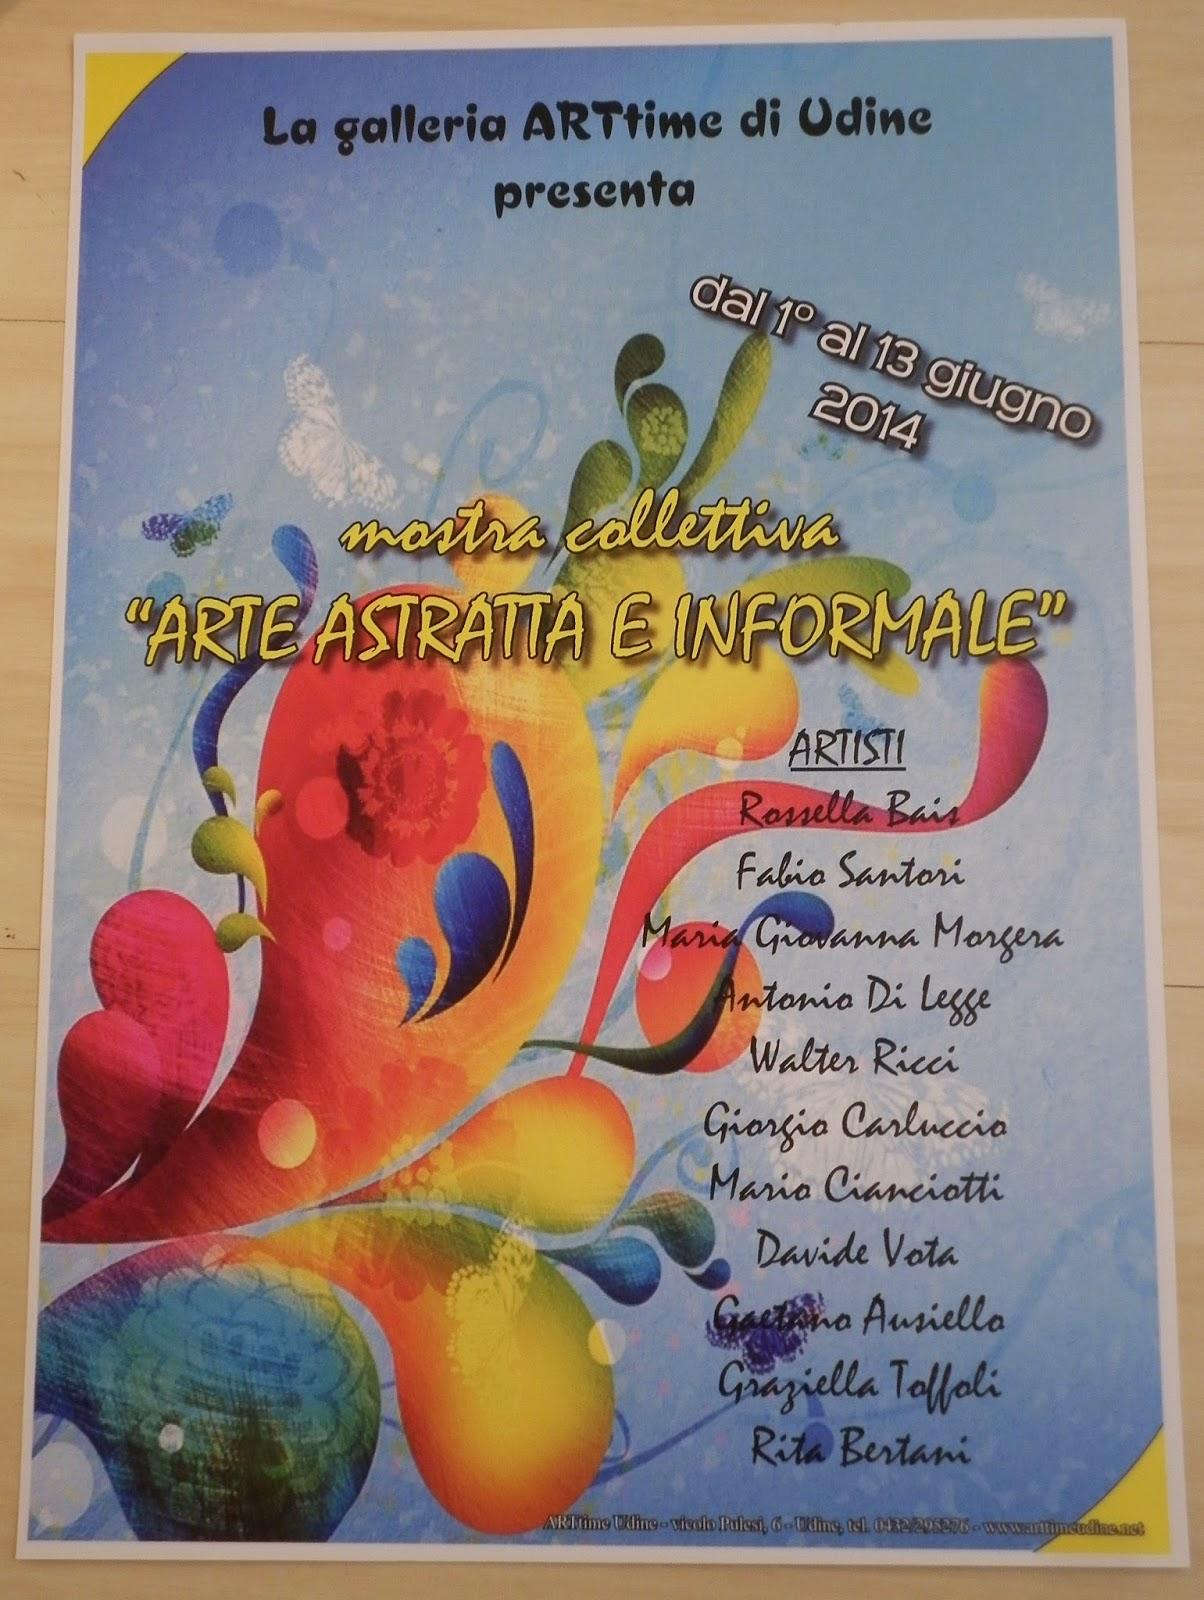 ARTE ASTRATTA E INFORMALE